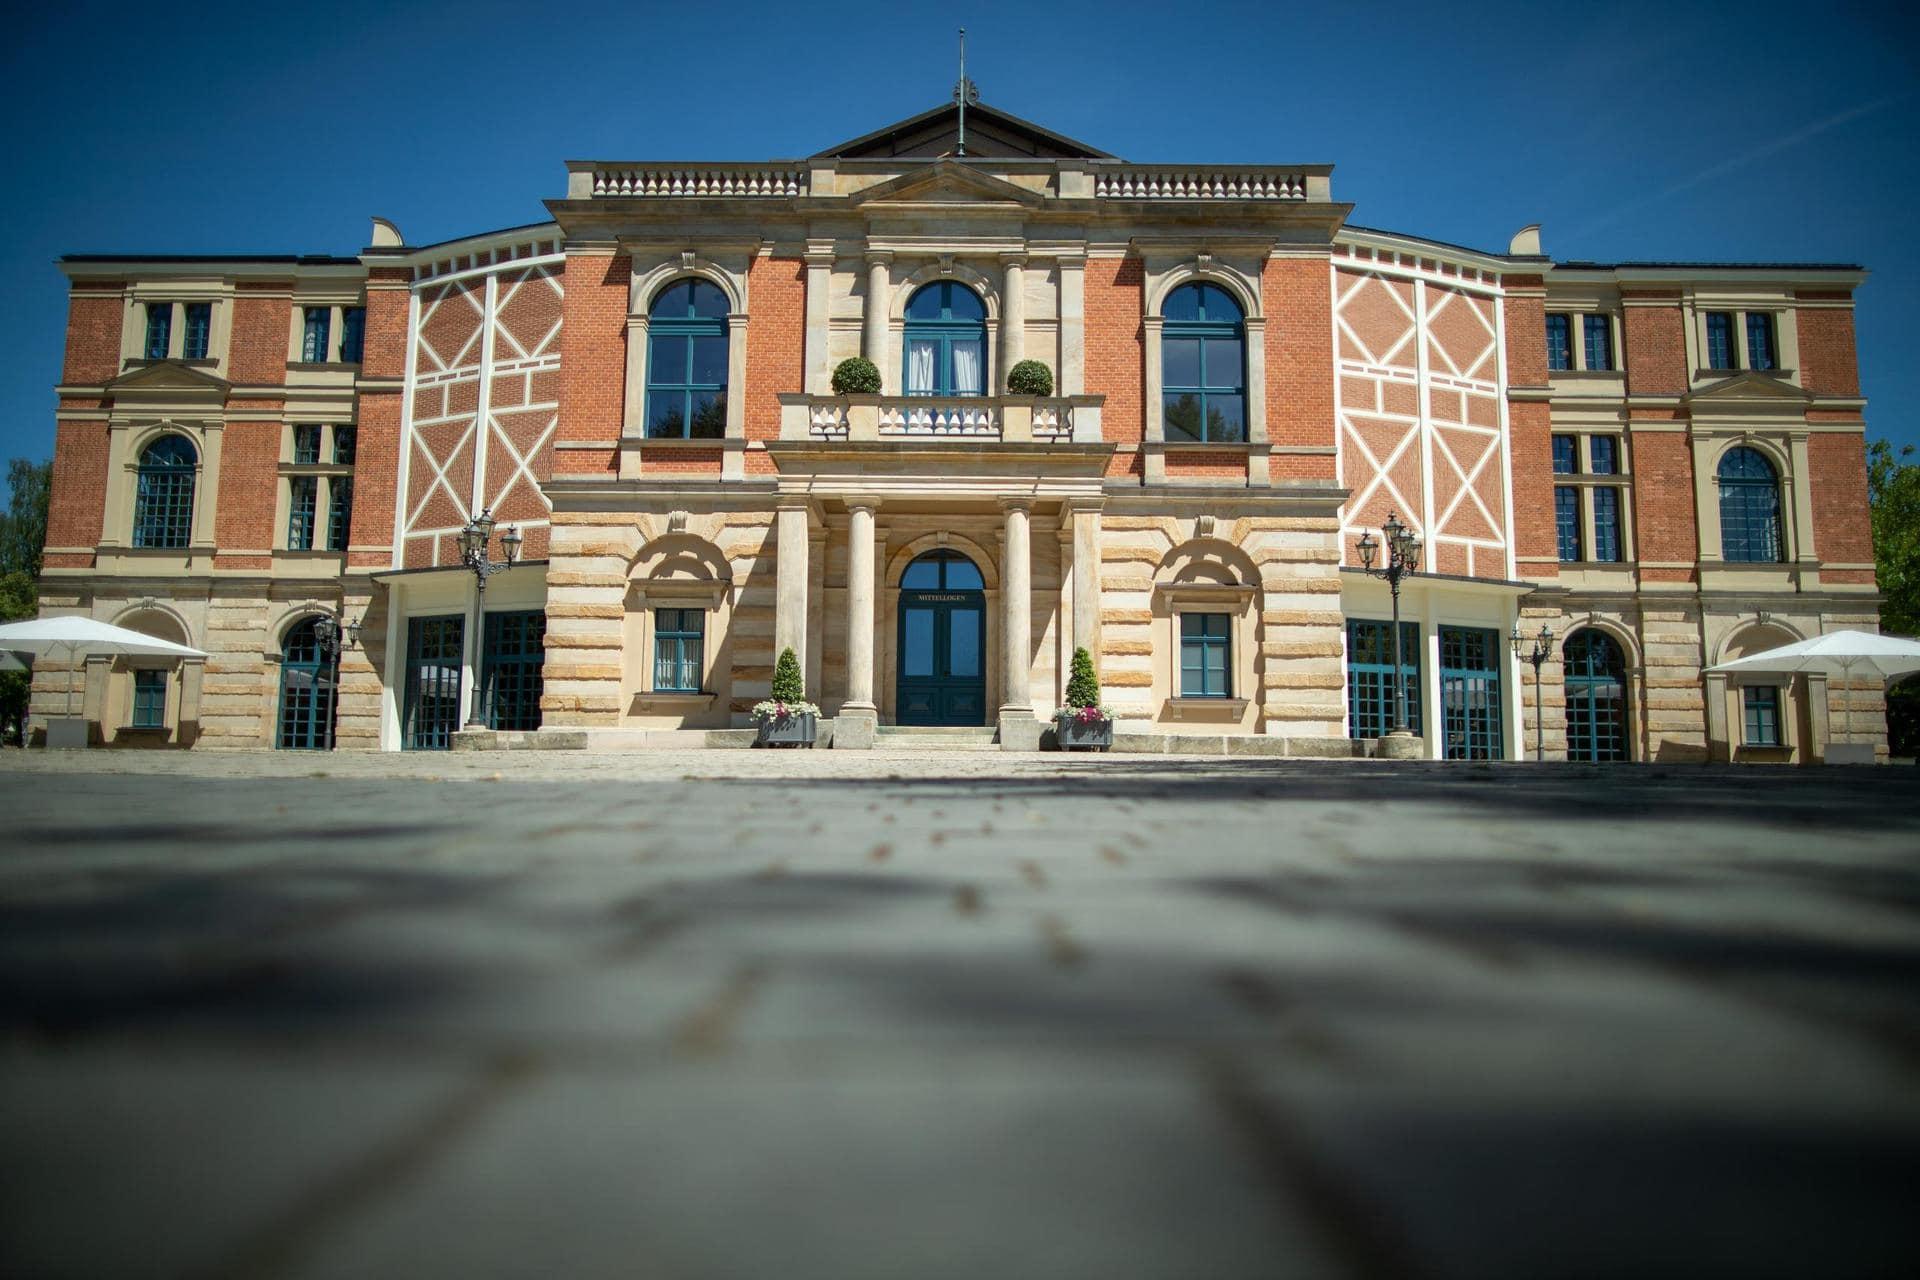 Bund gibt rund 85 Millionen für Bayreuther Festspielhaus Sanierung des Bayreuther Festspielhauses